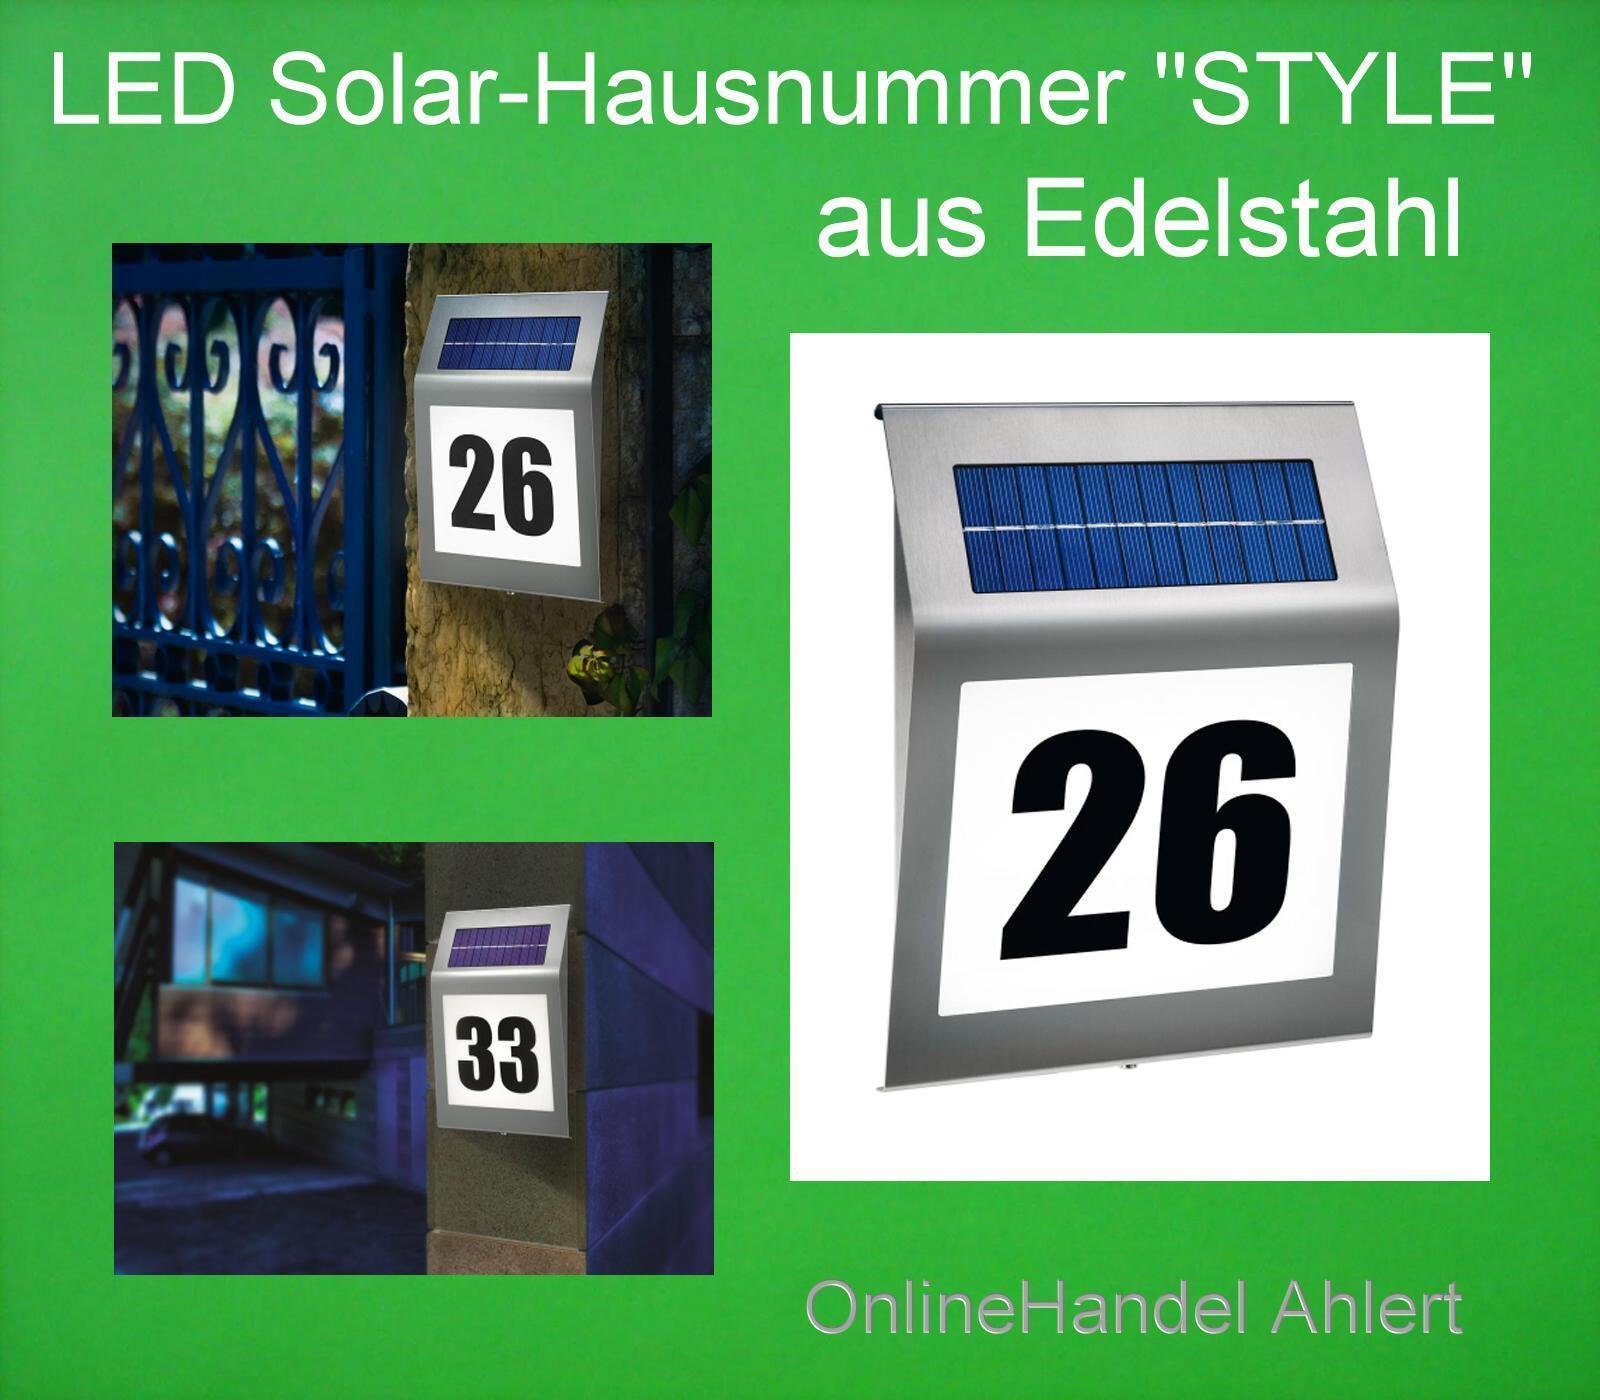 LED Solar Hausnummer Edelstahl Hausnummernleuchte STYLE Pro Design Beleuchtung